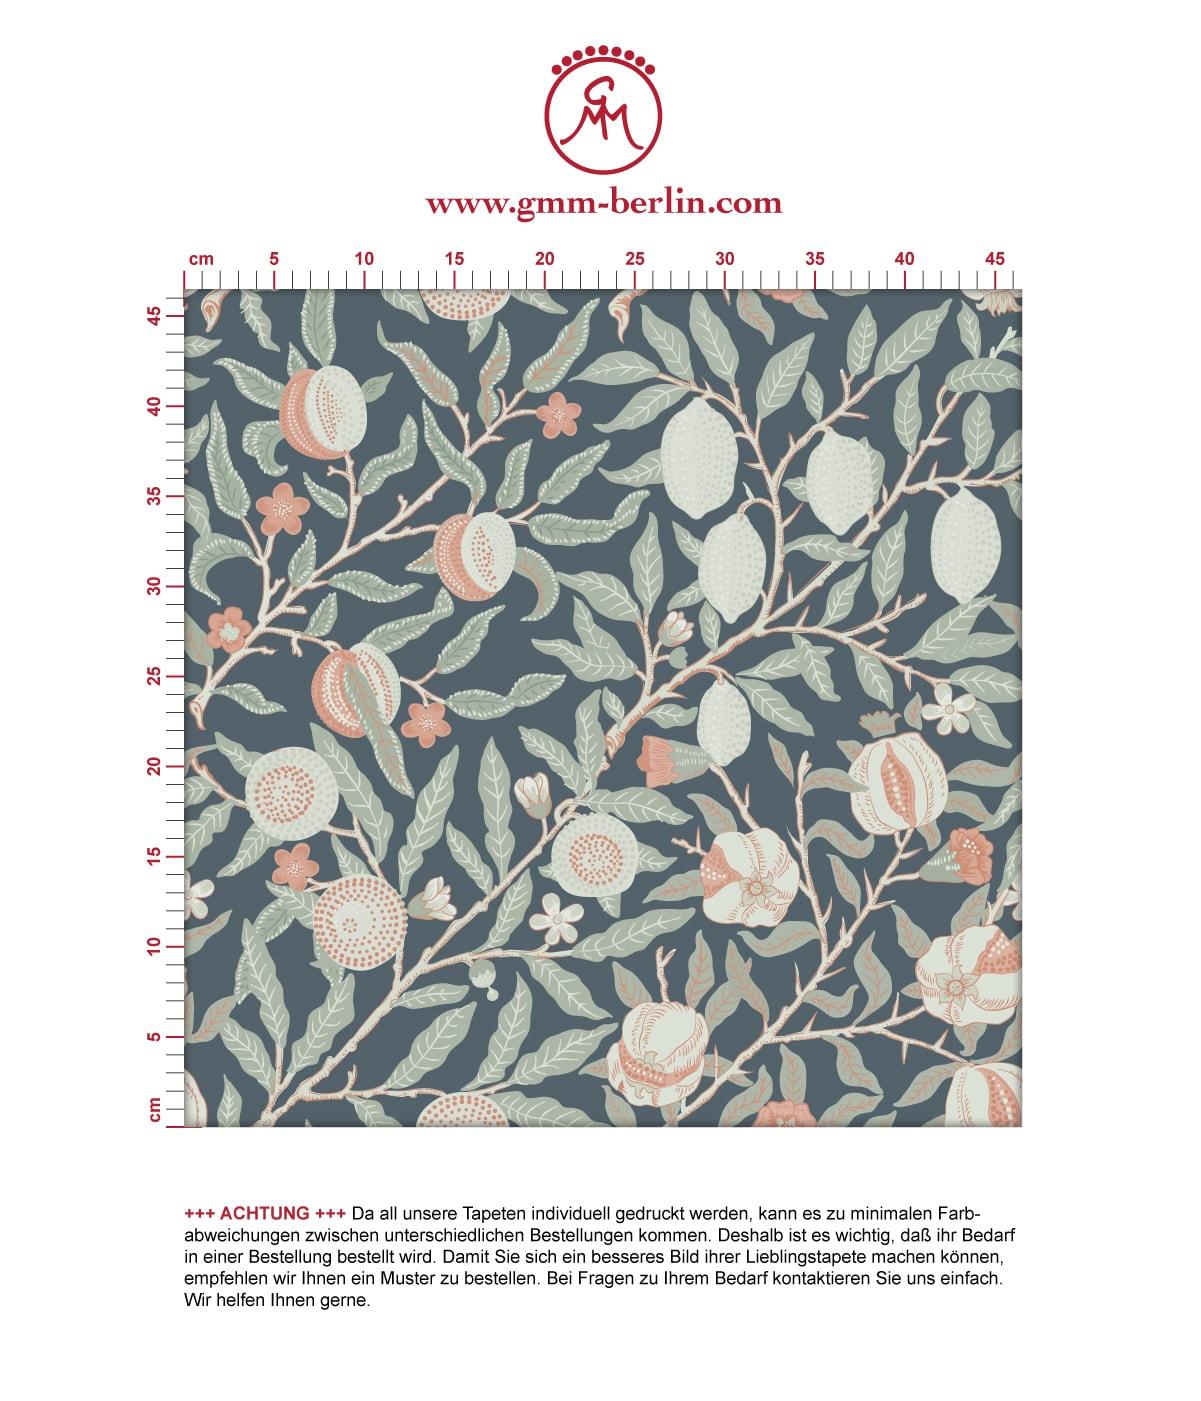 Jugendstil Tapete Granatapfel Baum nach William aus der Tapeten Design Familie: 00178 als Naturaltouch Luxus Vliestapete oder Basic Vliestapete